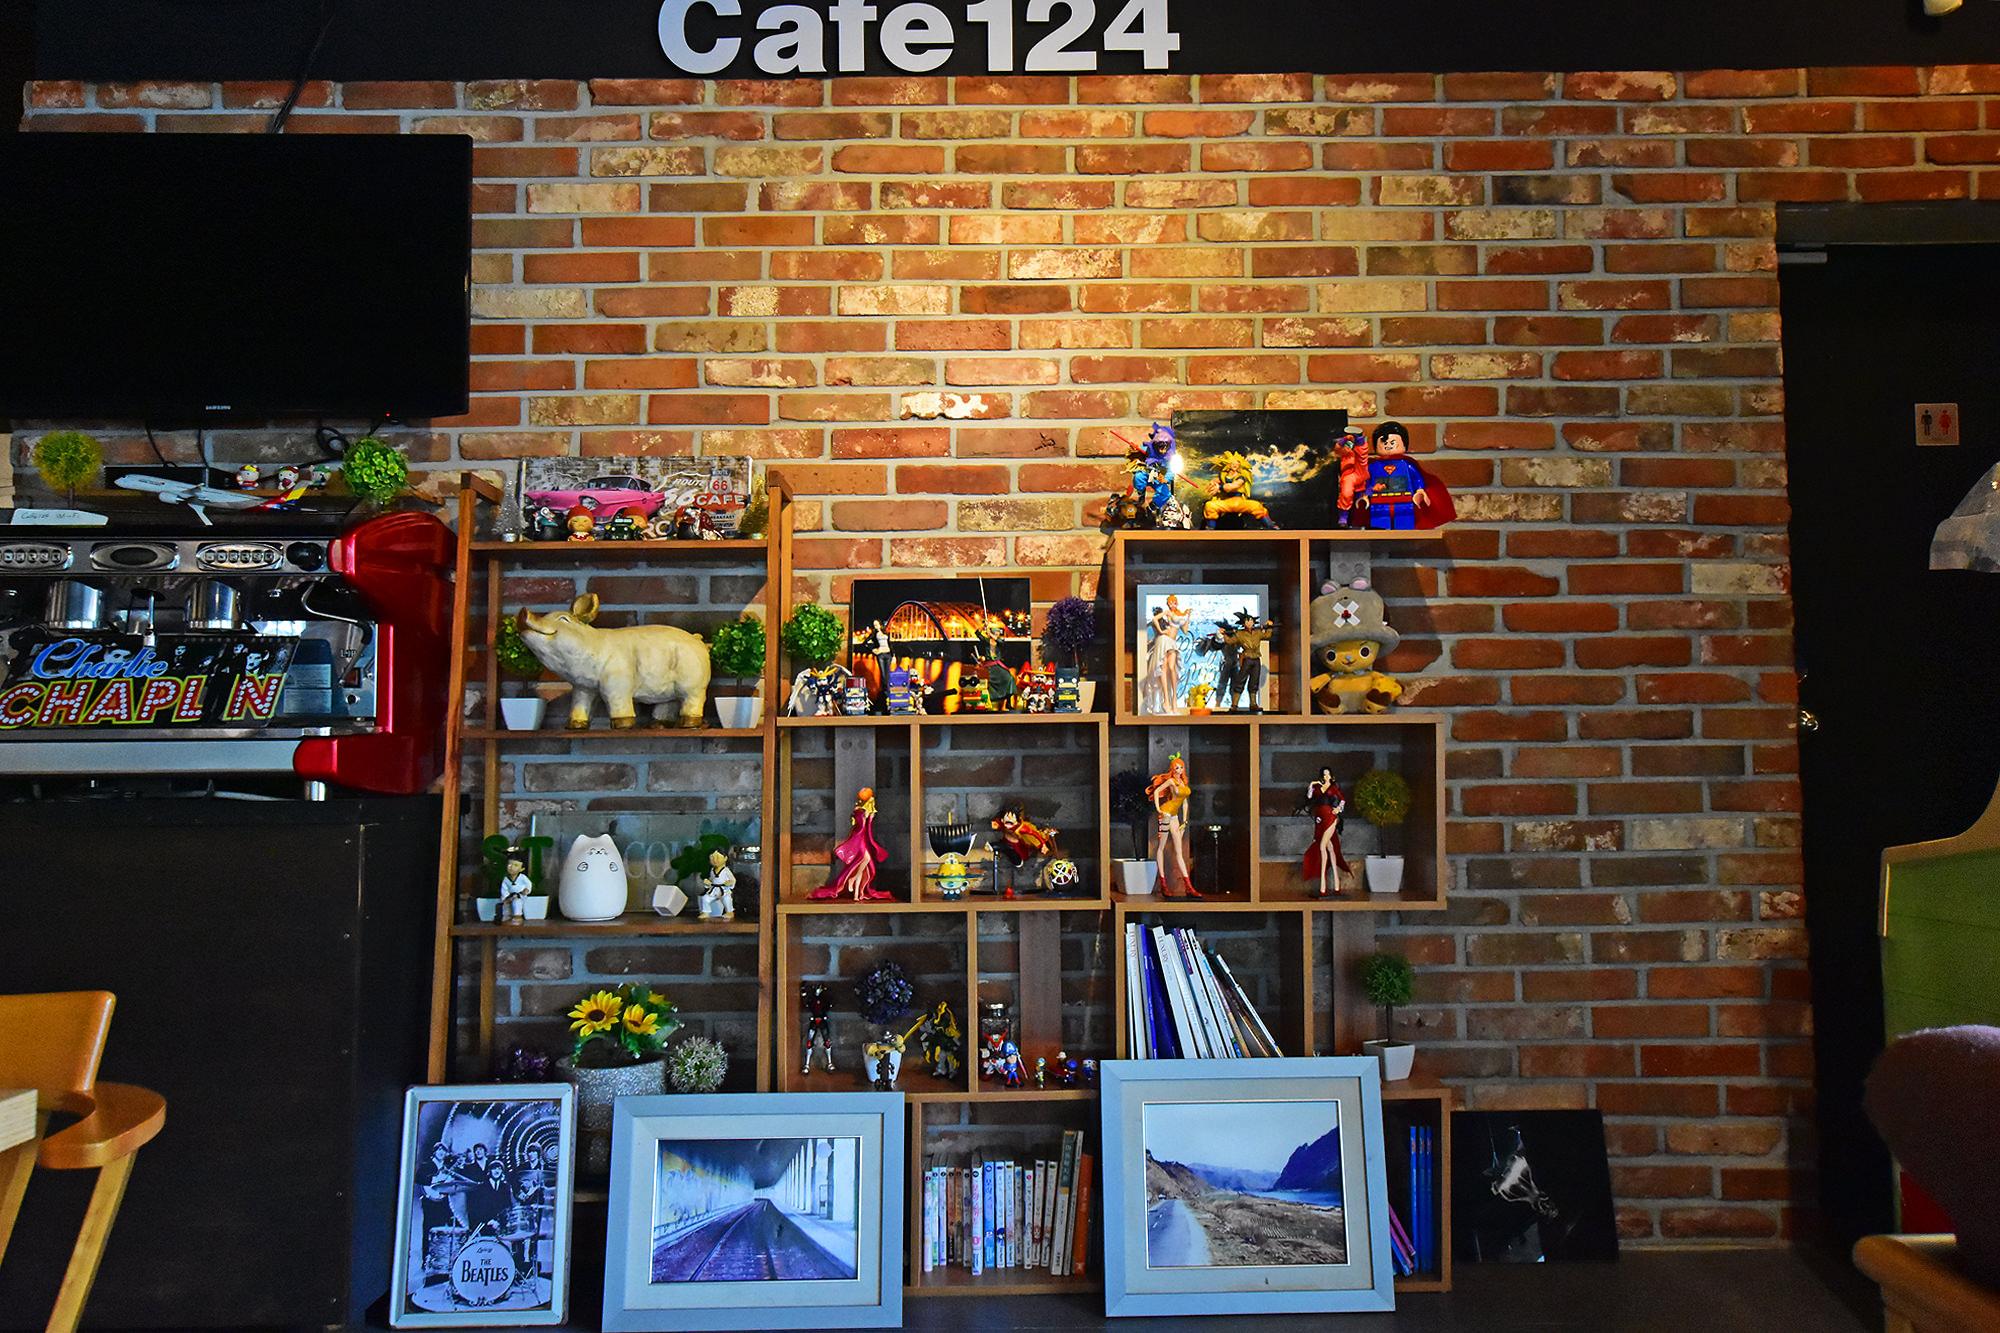 CAFE124 이미지 8